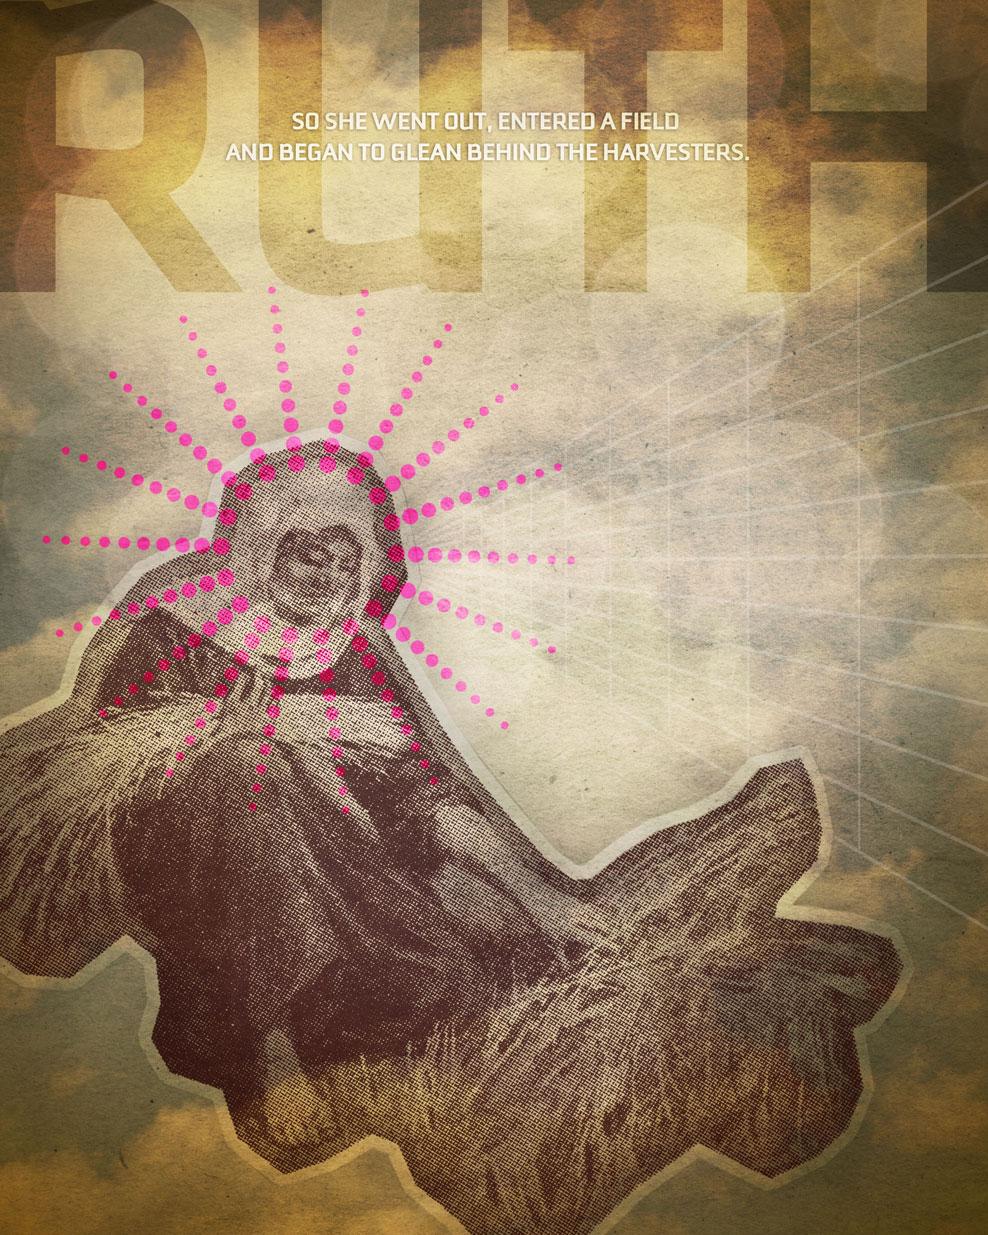 08-Ruth_Jim-LePage.jpg